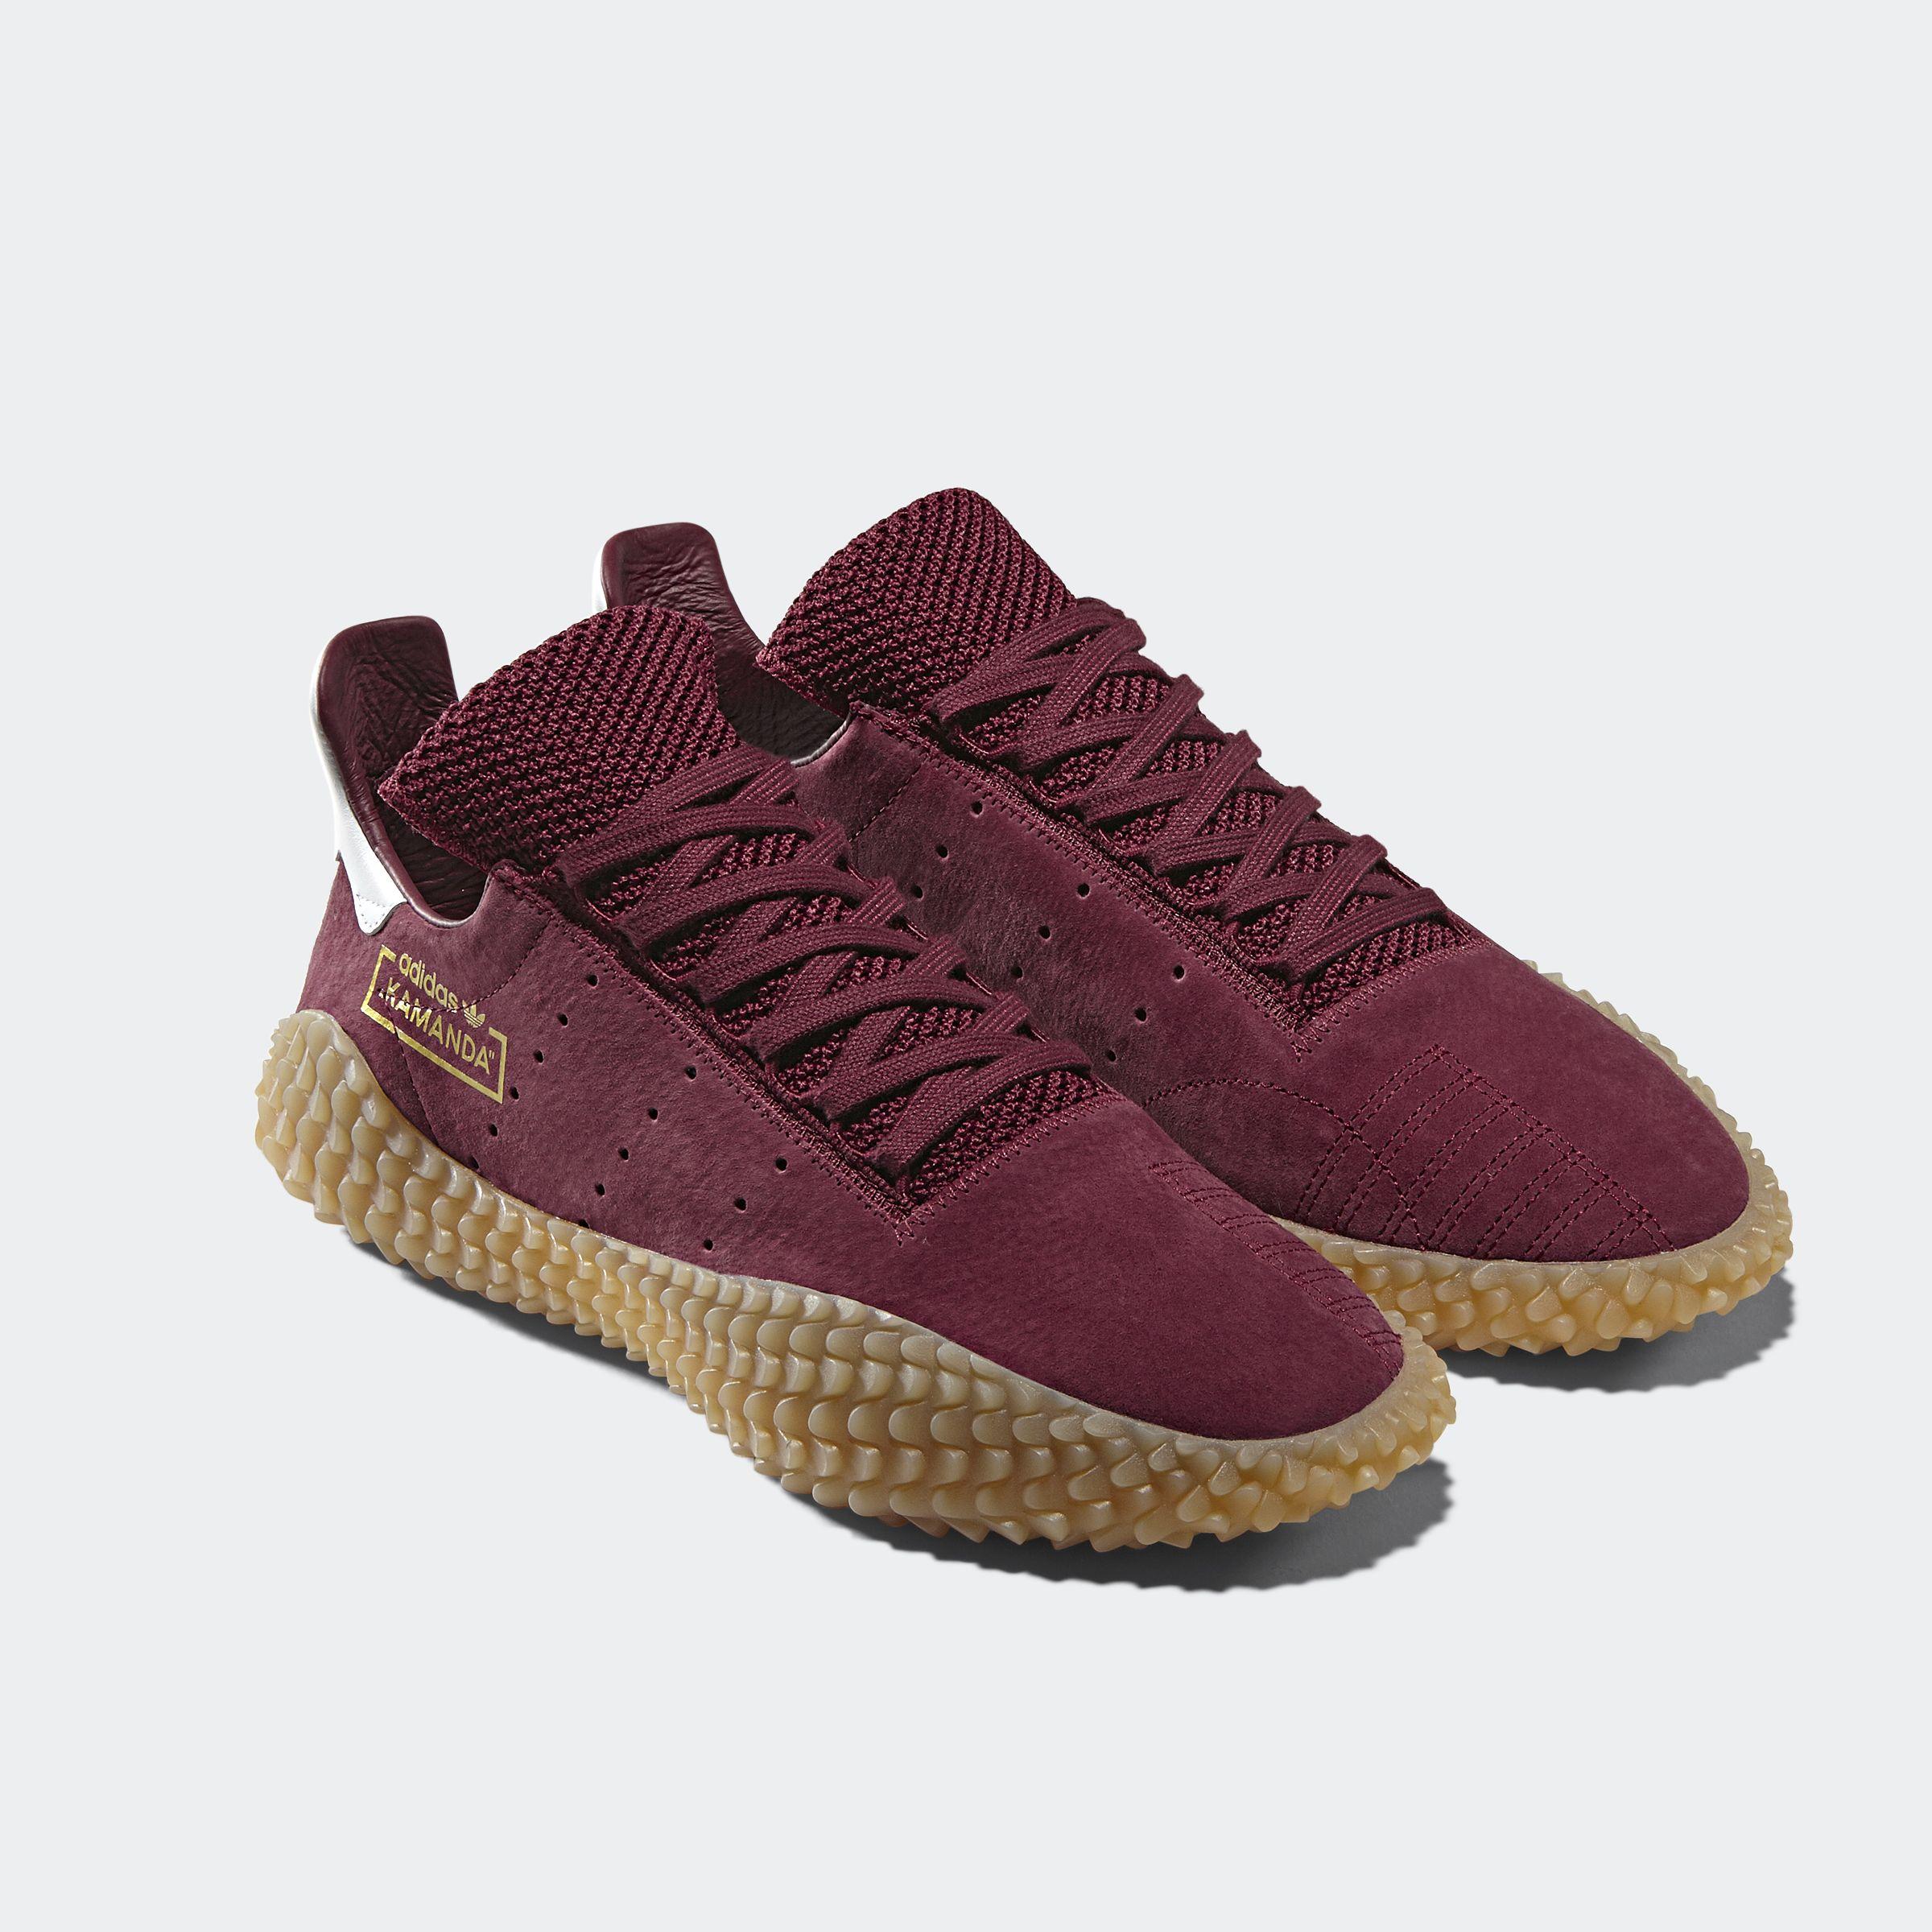 Sneaker Release: Adidas Originals präsentiert neue Sneaker